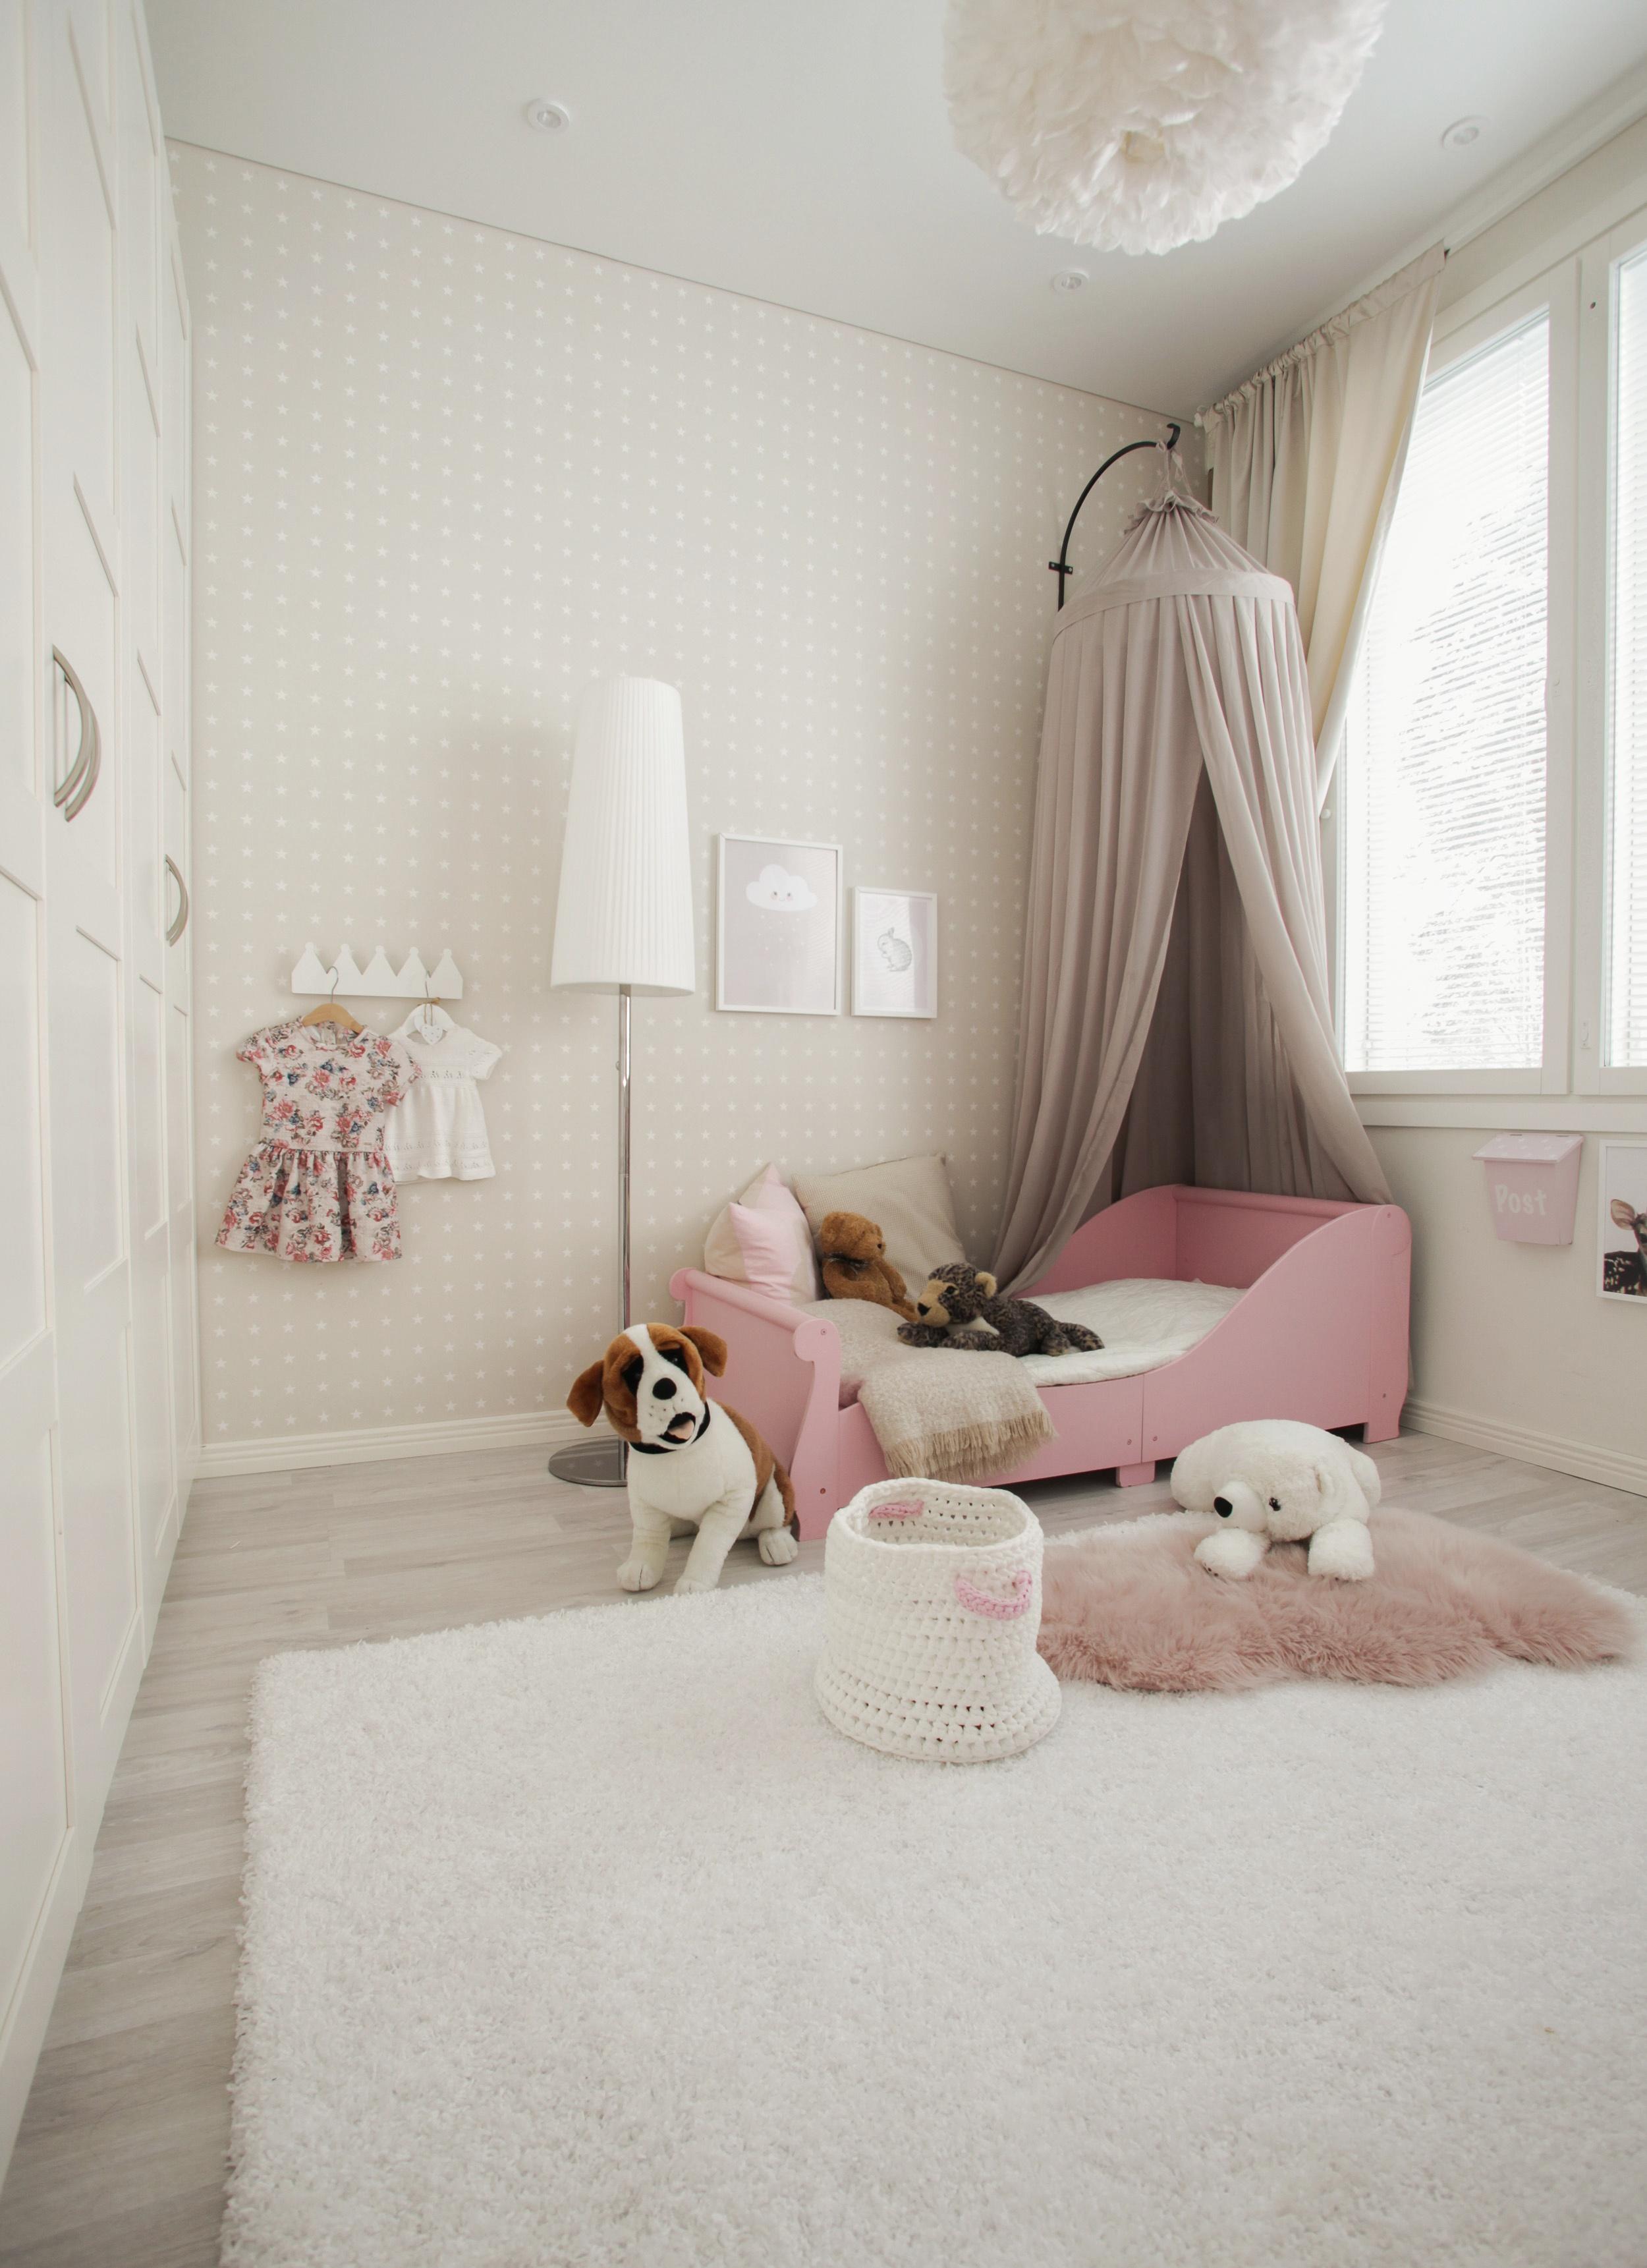 lastenhuone-9191-01